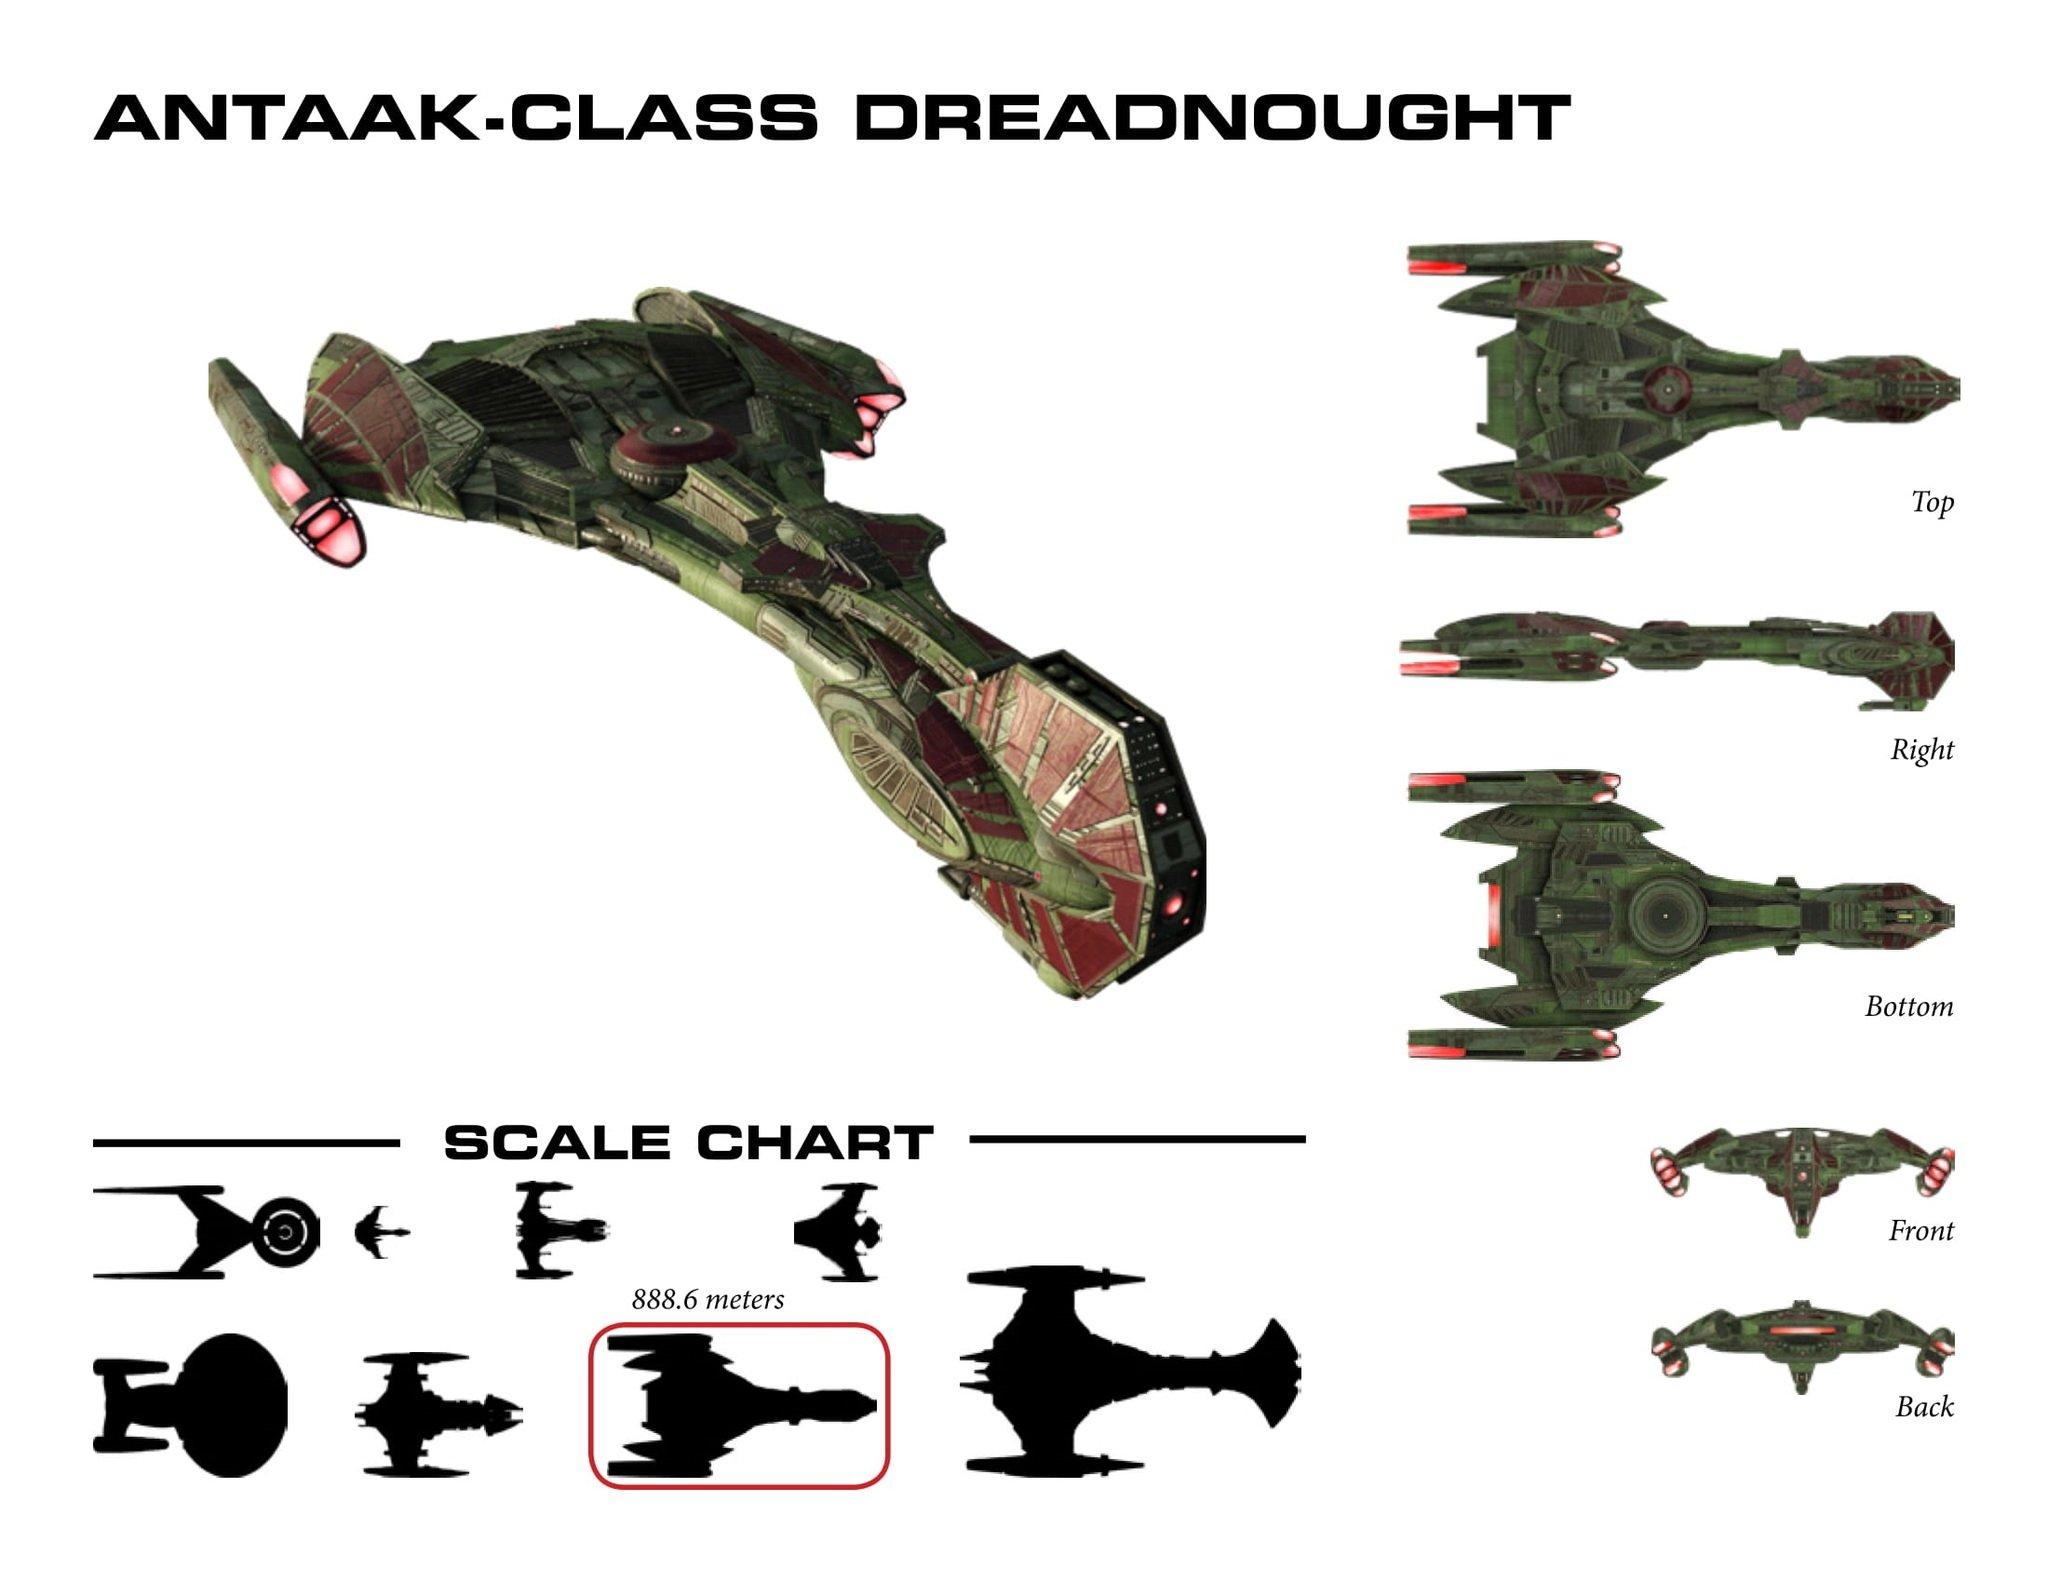 Antaak-Class Dreadnought